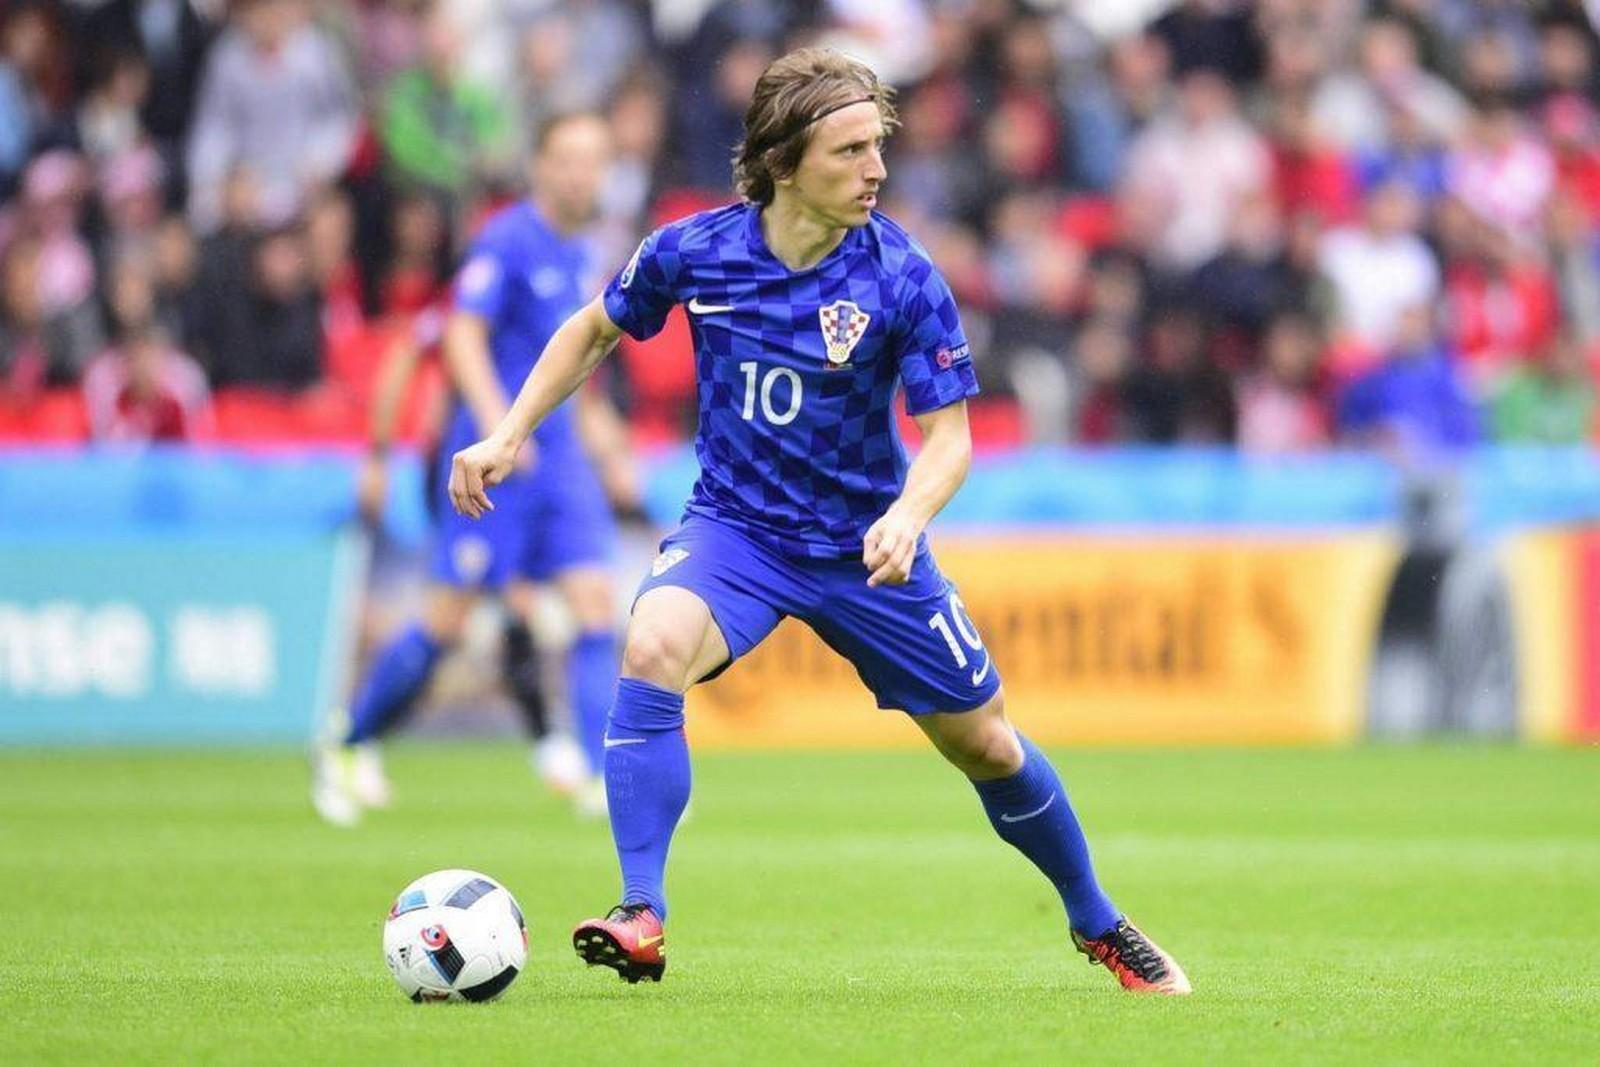 Führt Luka Modric die Kroaten zum Sieg über Nigeria? Jetzt auf Kroatien vs Nigeria wetten!